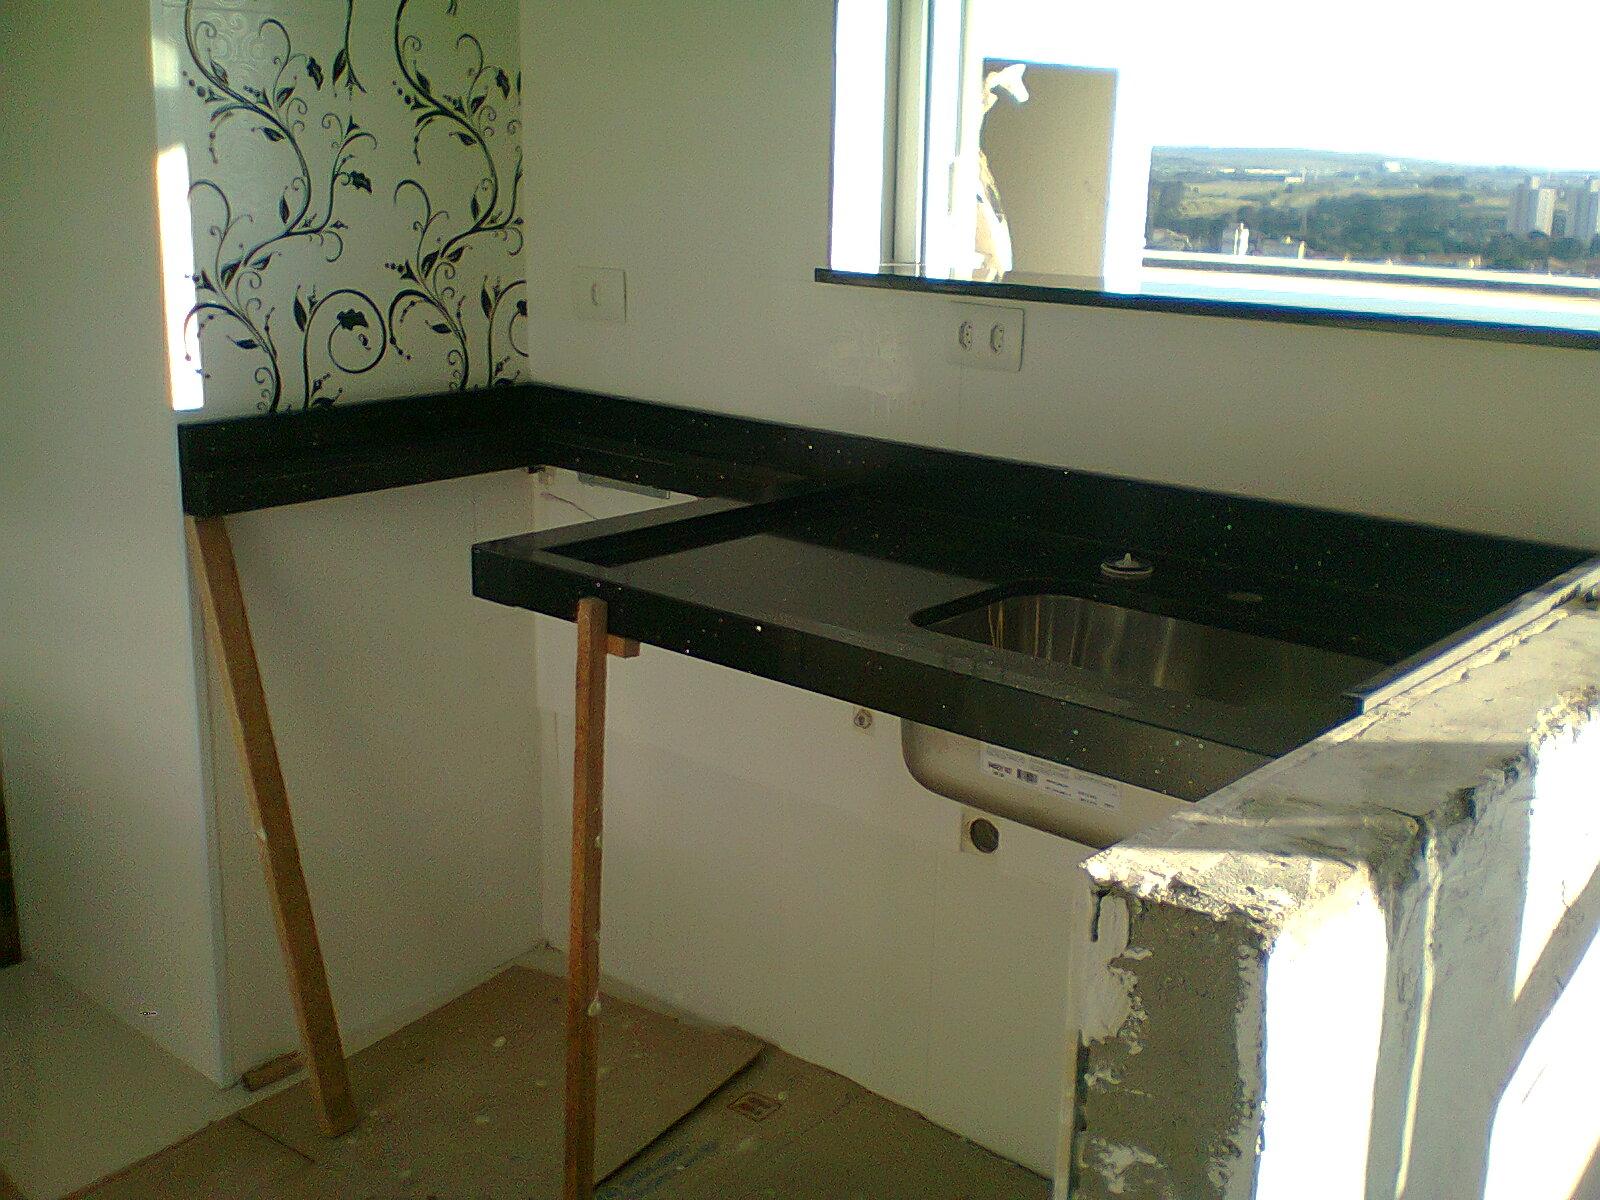 #5C4E2D Nosso Ap E Nossa Vida: Instalação da pia da cozinha: quase ok! 1600x1200 px Projetos Da Instalação Da Cozinha_401 Imagens